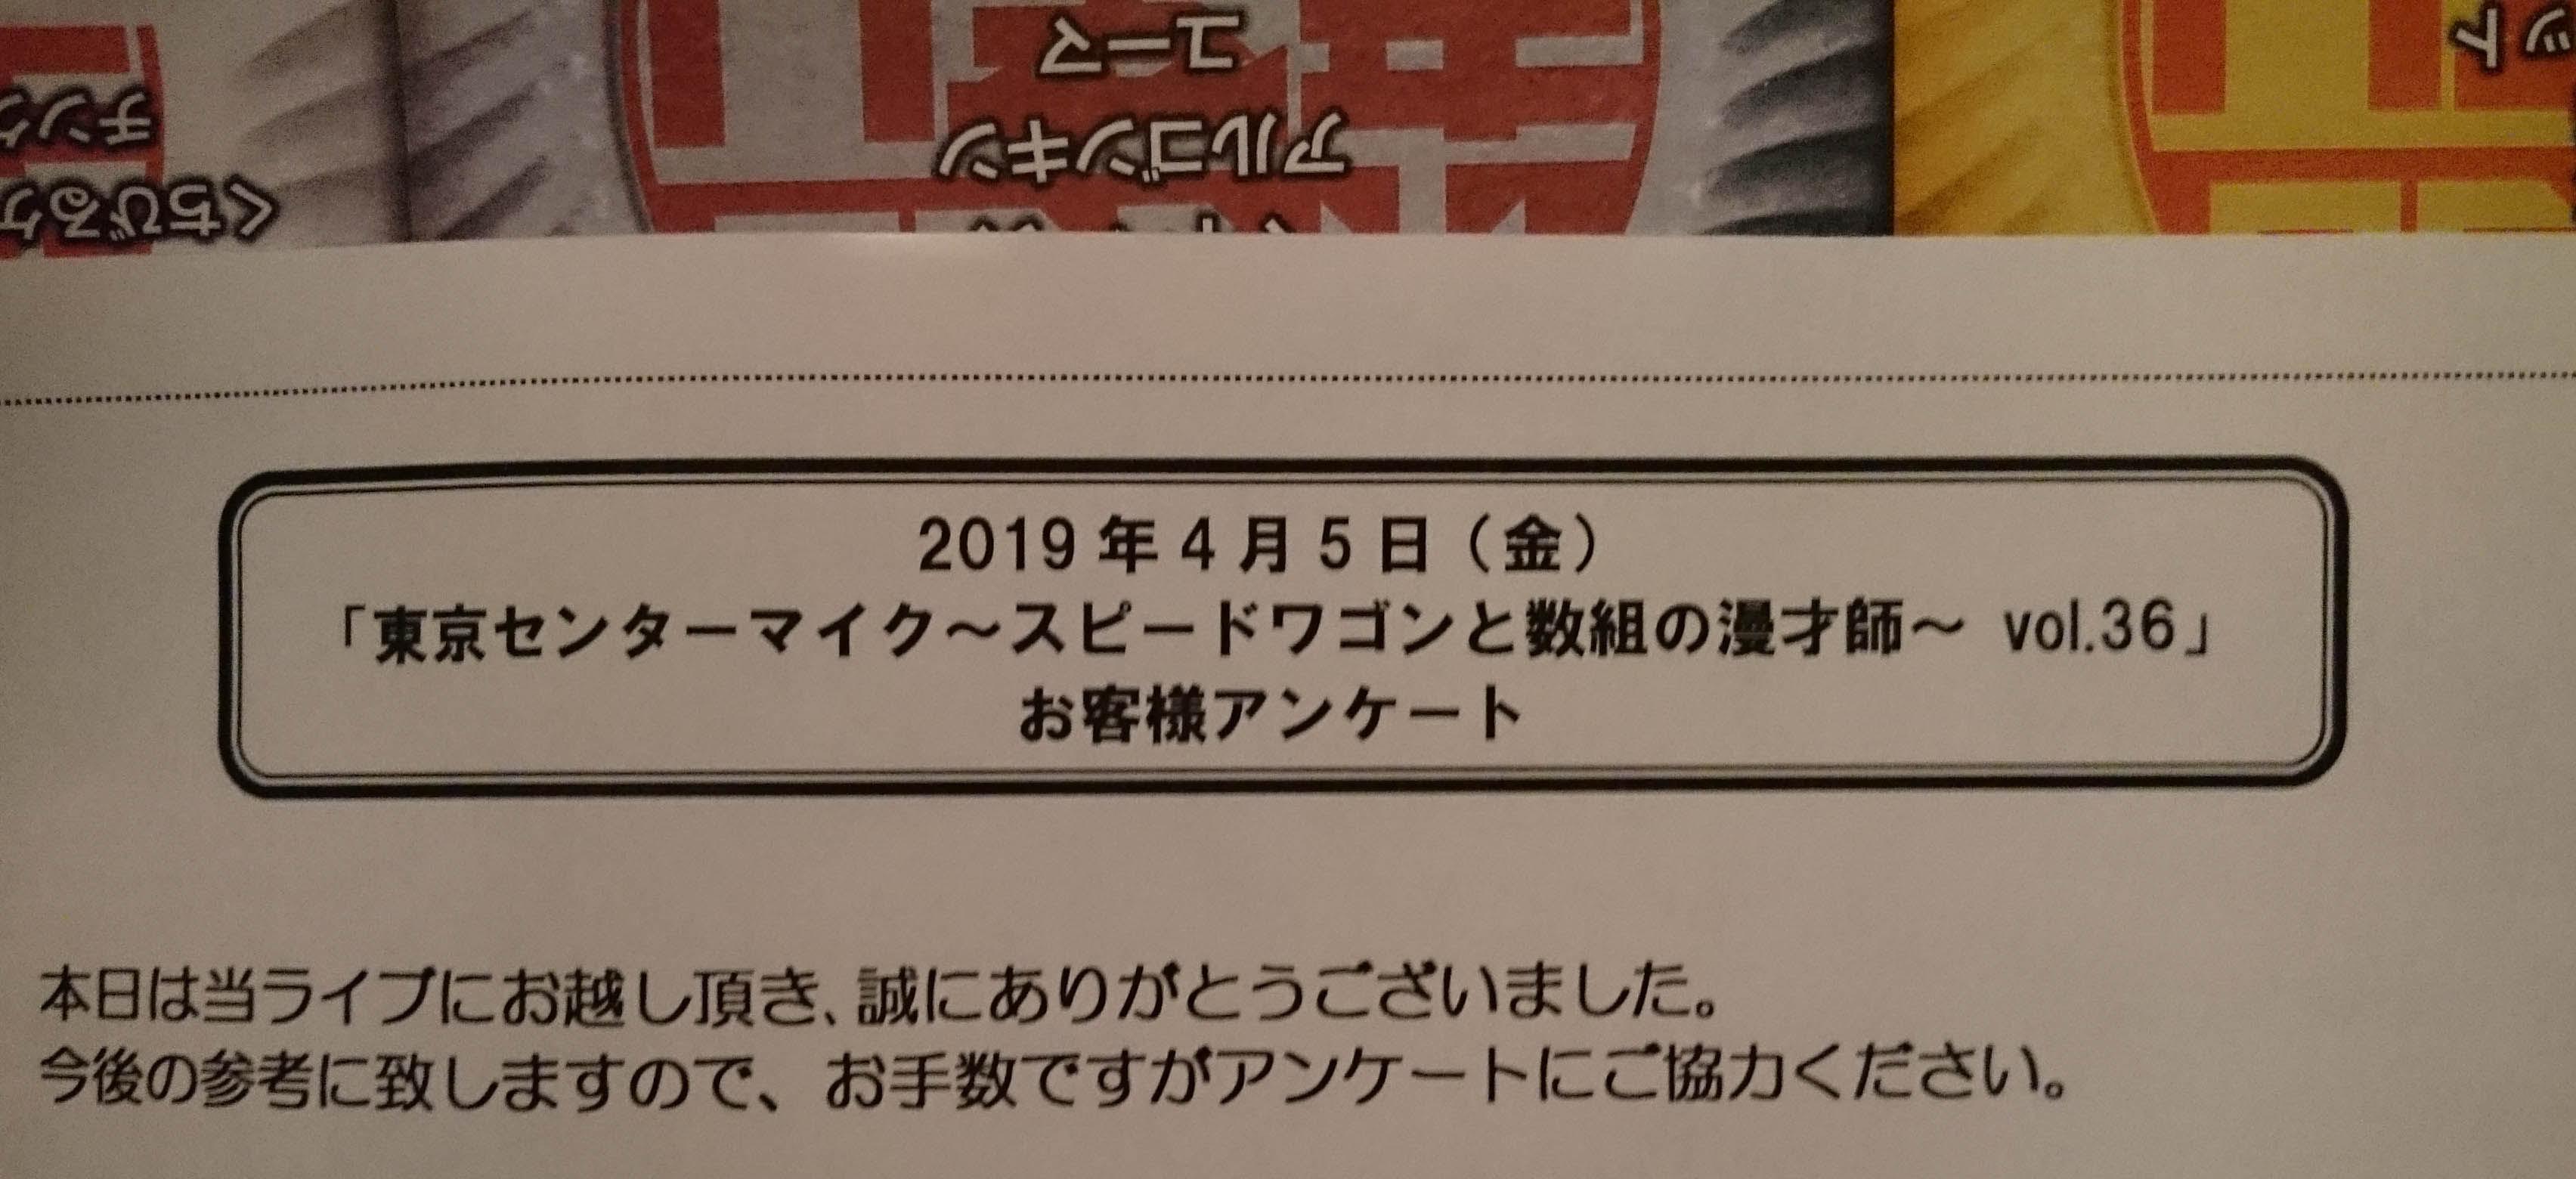 『東京センターマイク~スピードワゴンと数組の漫才師~vol.36』に行った話